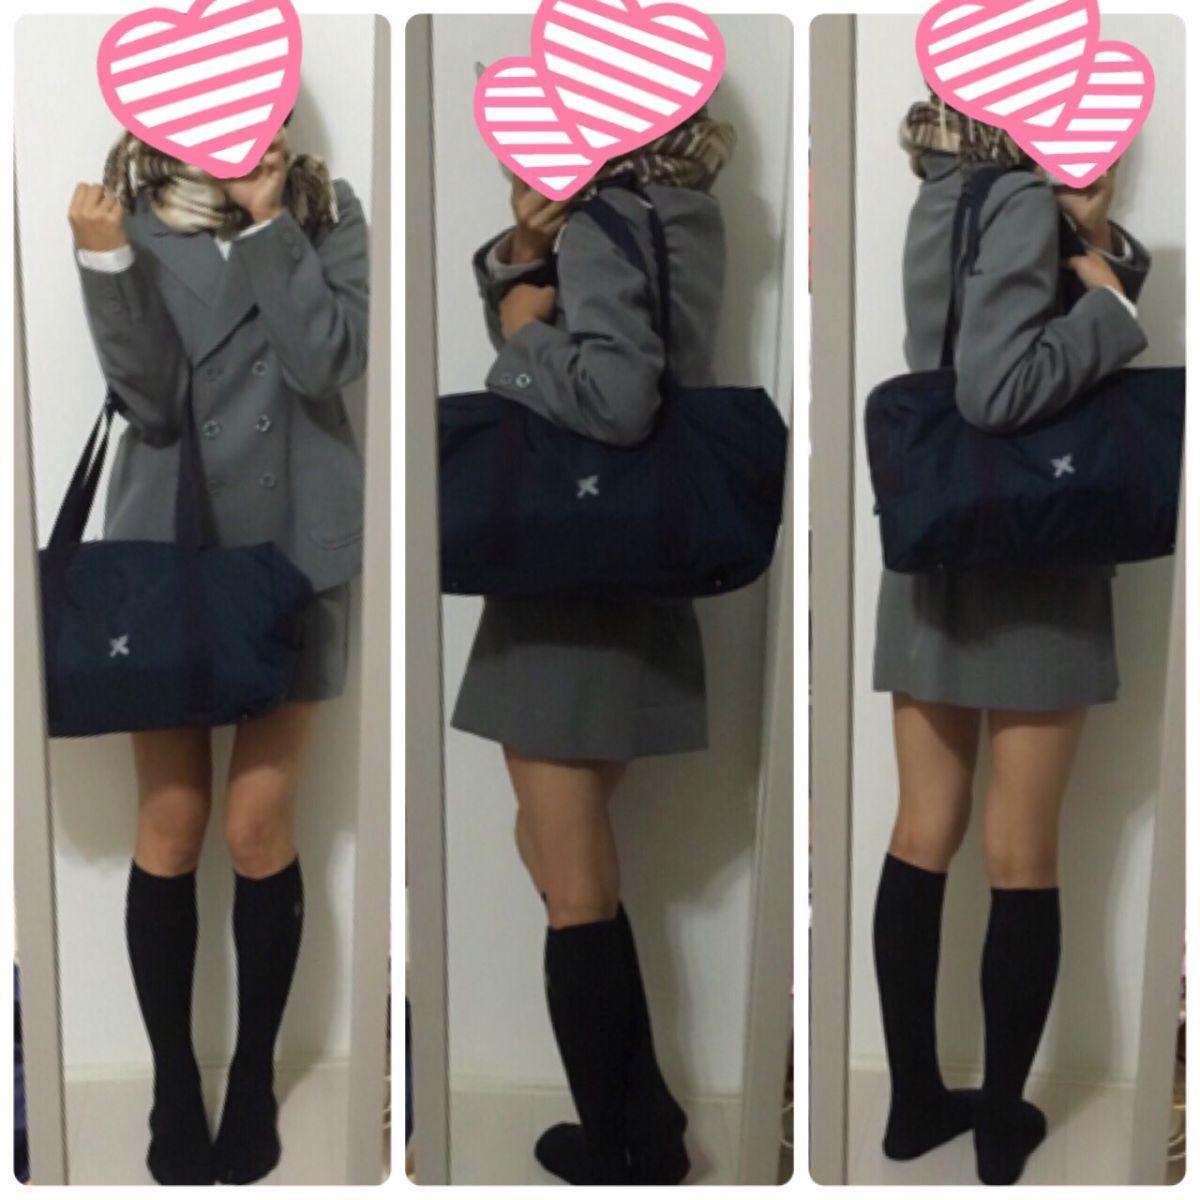 【画像】制服がタイトスカートのJKエロすぎい!!! img6160395363056